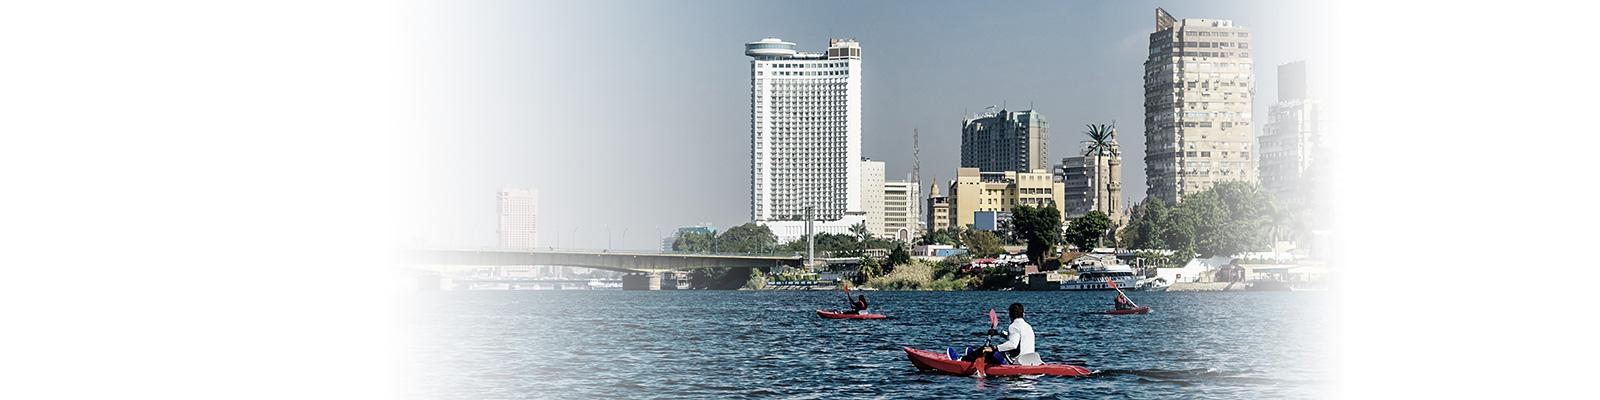 エジプト カイロ 都市 イメージ